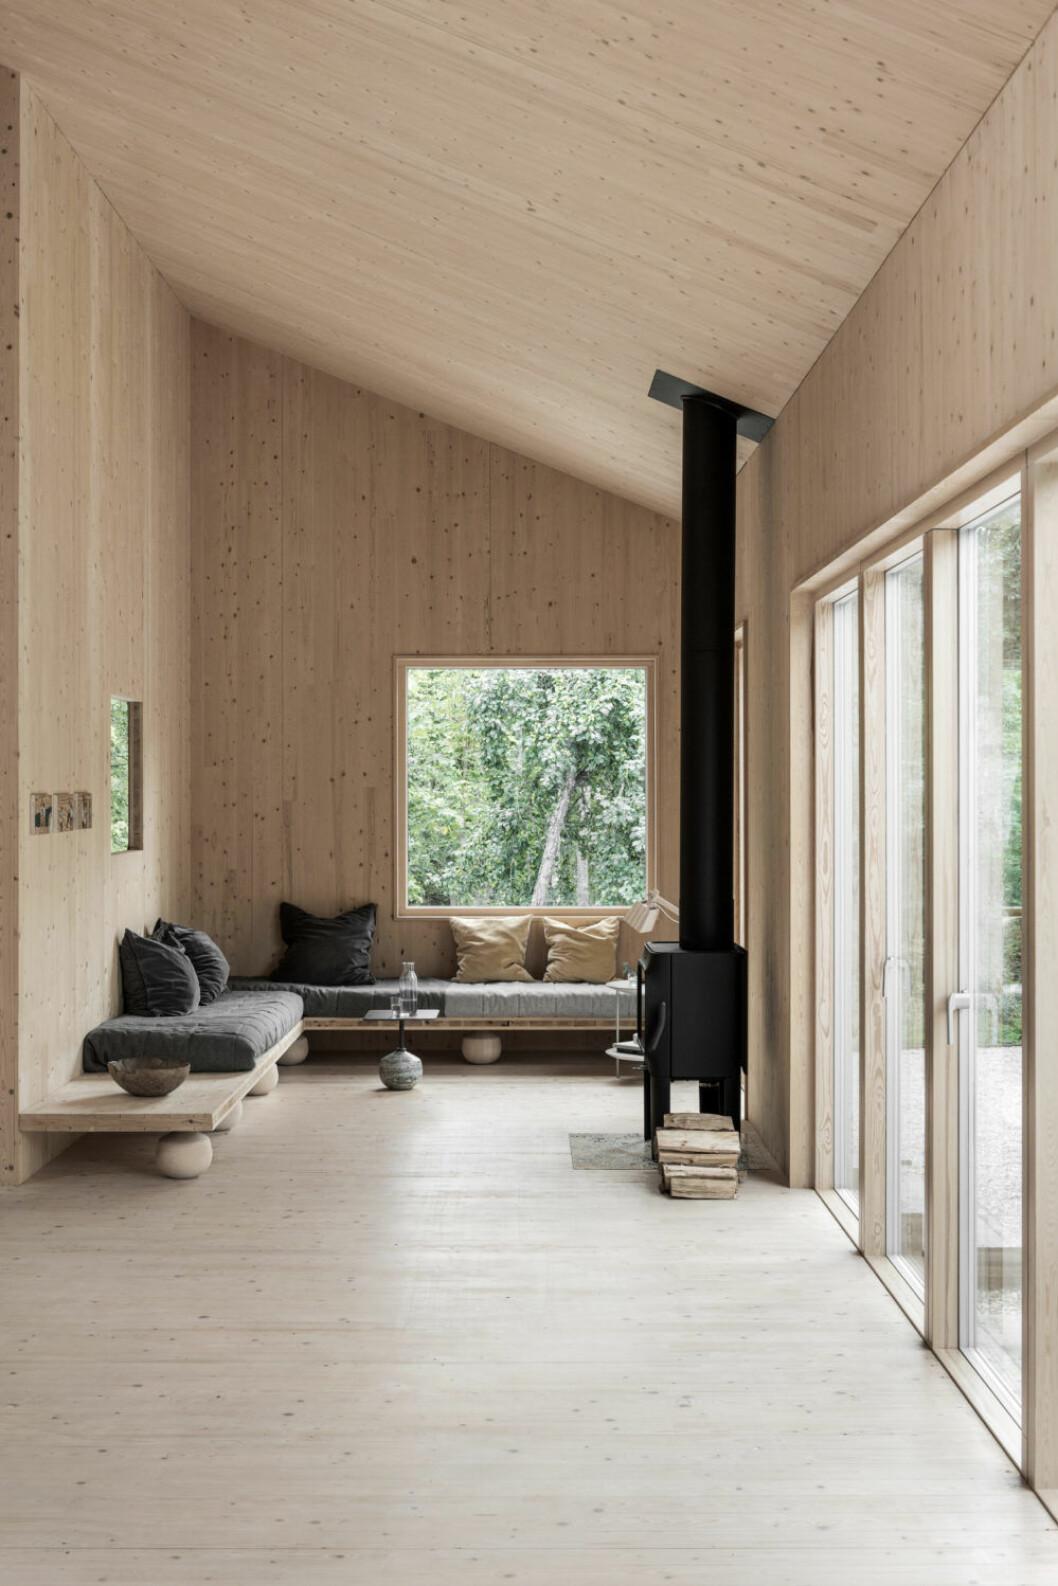 Väggfast inredning spar plats och gör stugan lättstädat. Stugan är ritat av Gabriella Gustafson, TAF Studio.